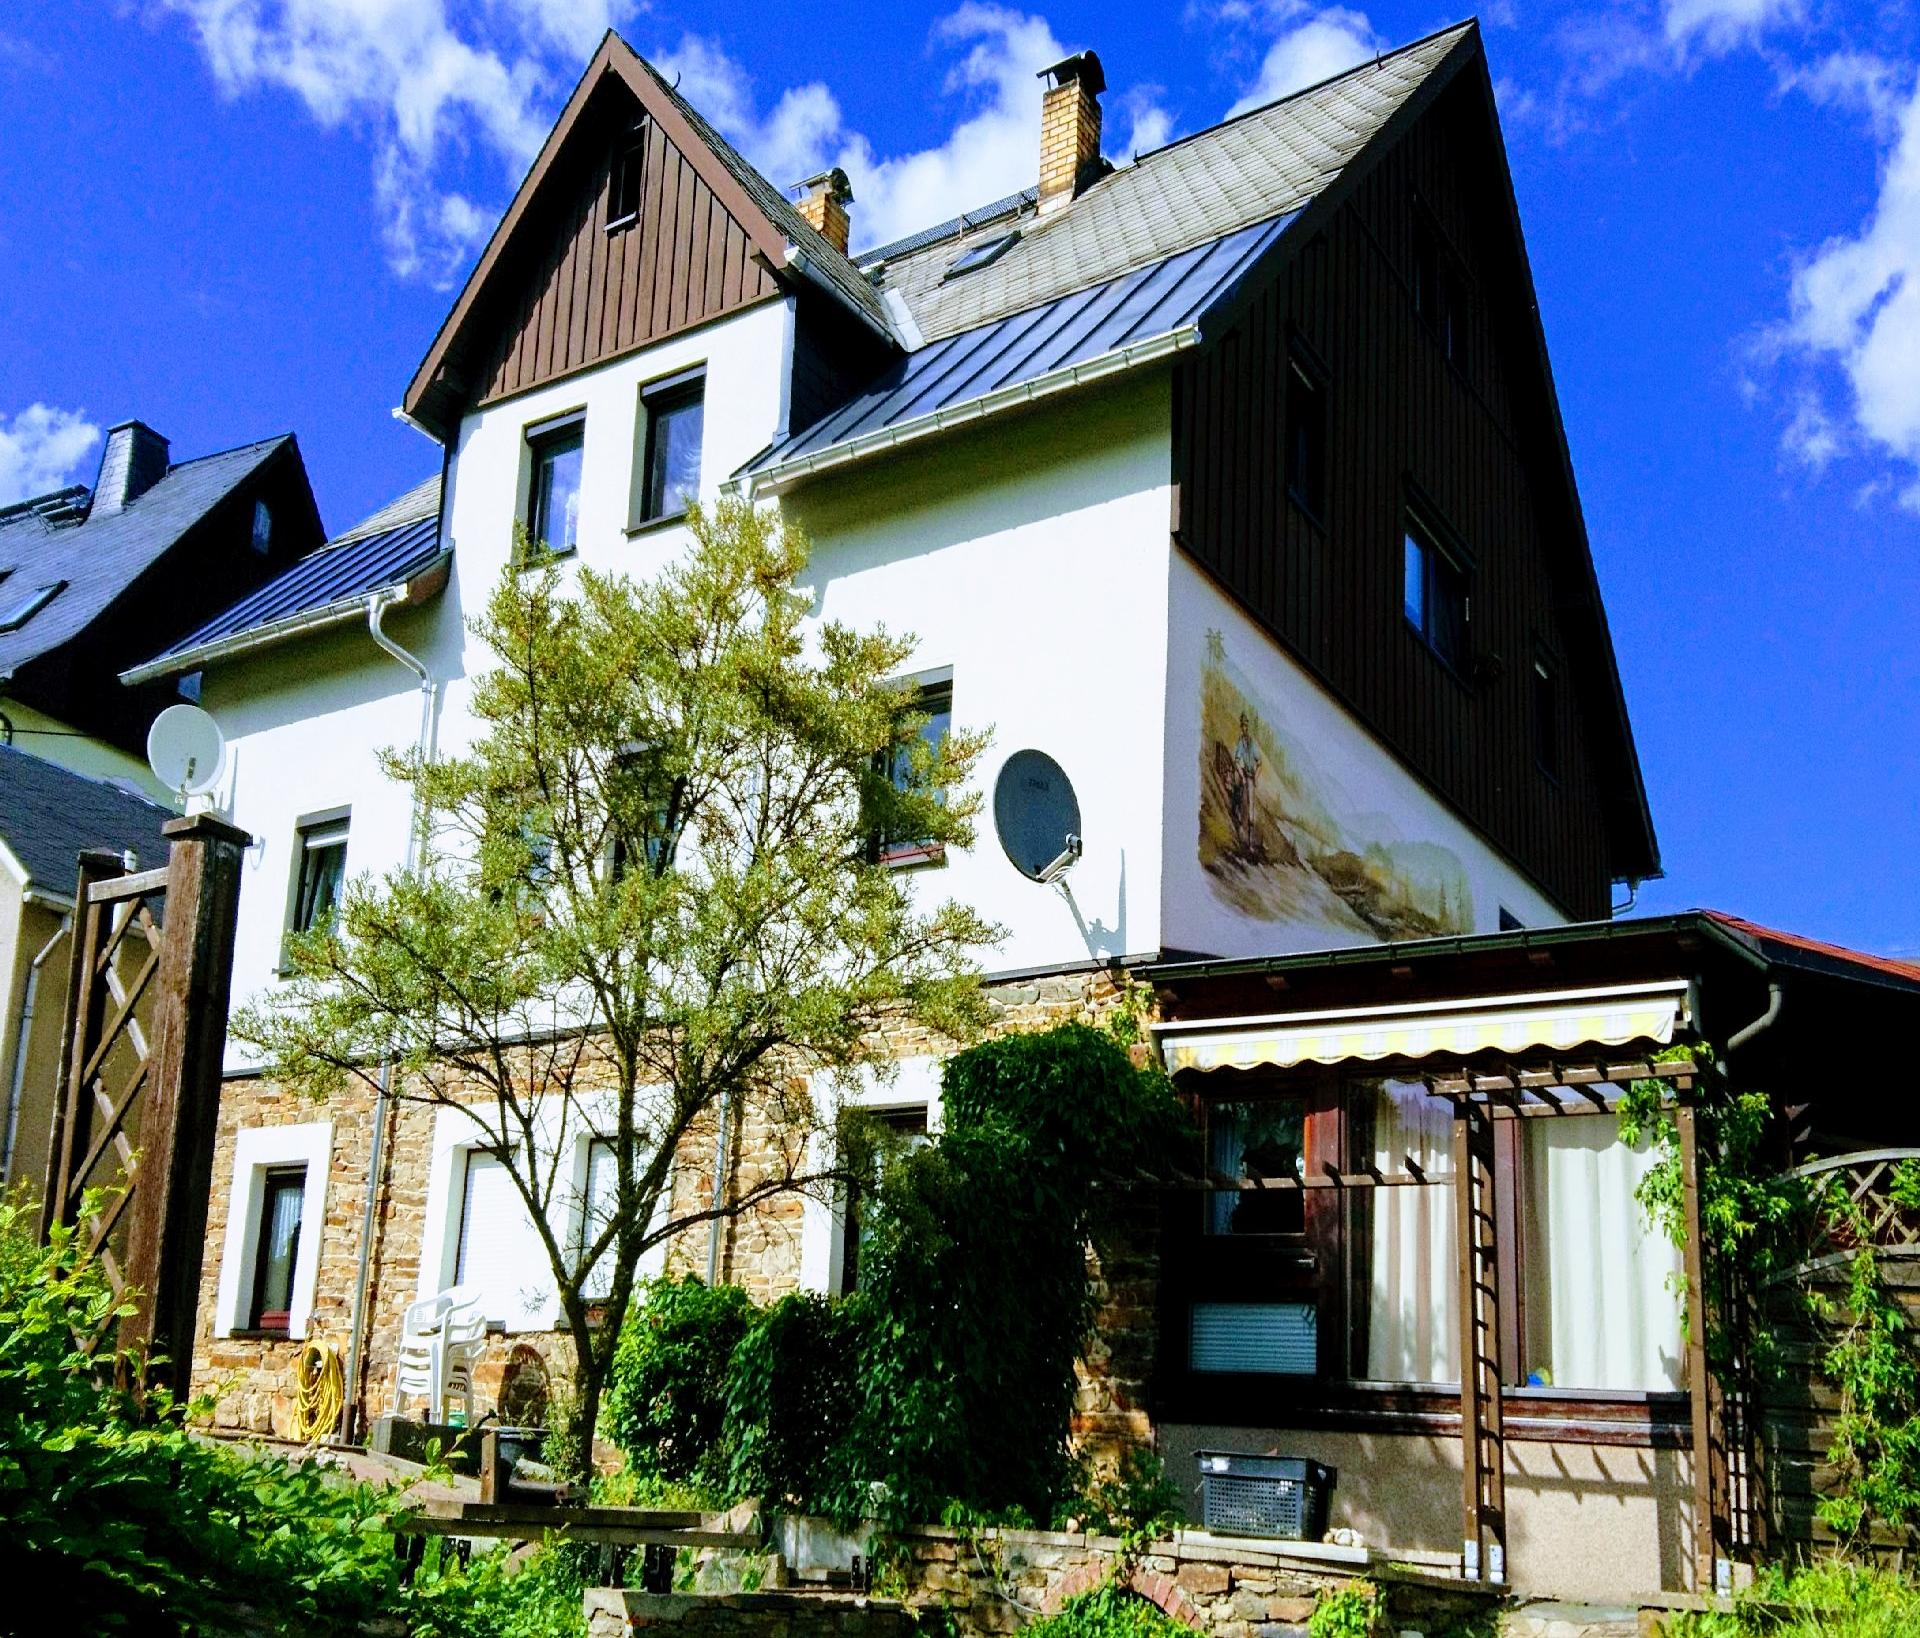 Ferienwohnung für 4 Personen  + 2 Kinder ca.   in Sachsen